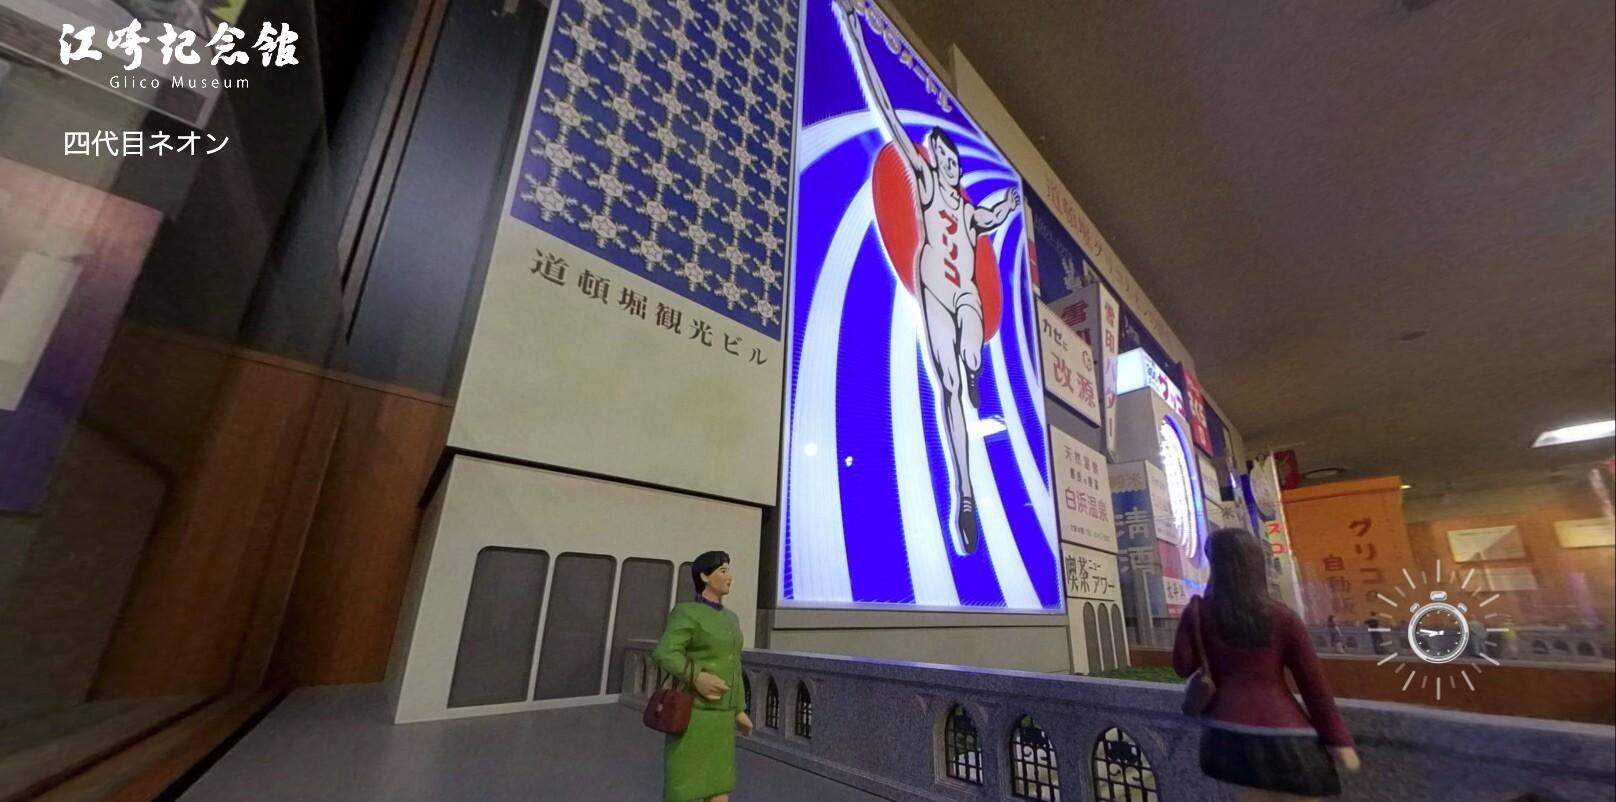 【歴代グリコのおもちゃもVR展示!】コロナ禍でも外出せずに楽しめる、おうちで江崎グリコの歴史が見れる企業ミュージアム「江崎記念館 Web-VR」オープン!